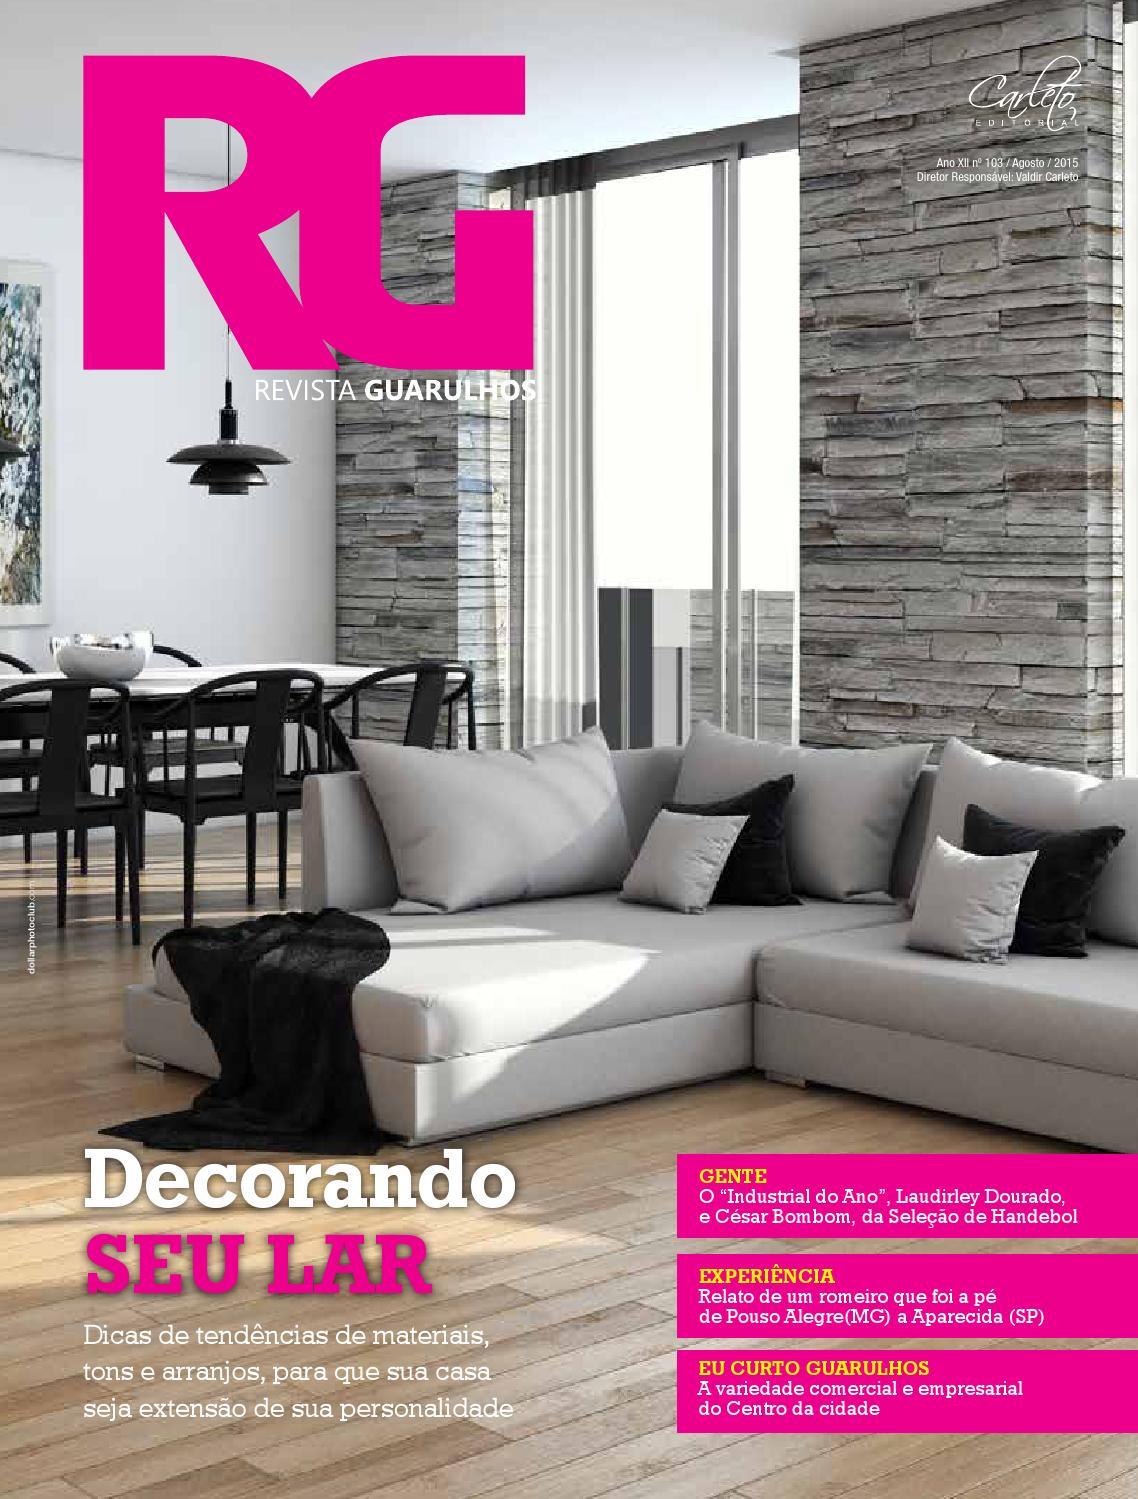 Revista RG - Edição 103 by Carleto Editorial - issuu bda03787df